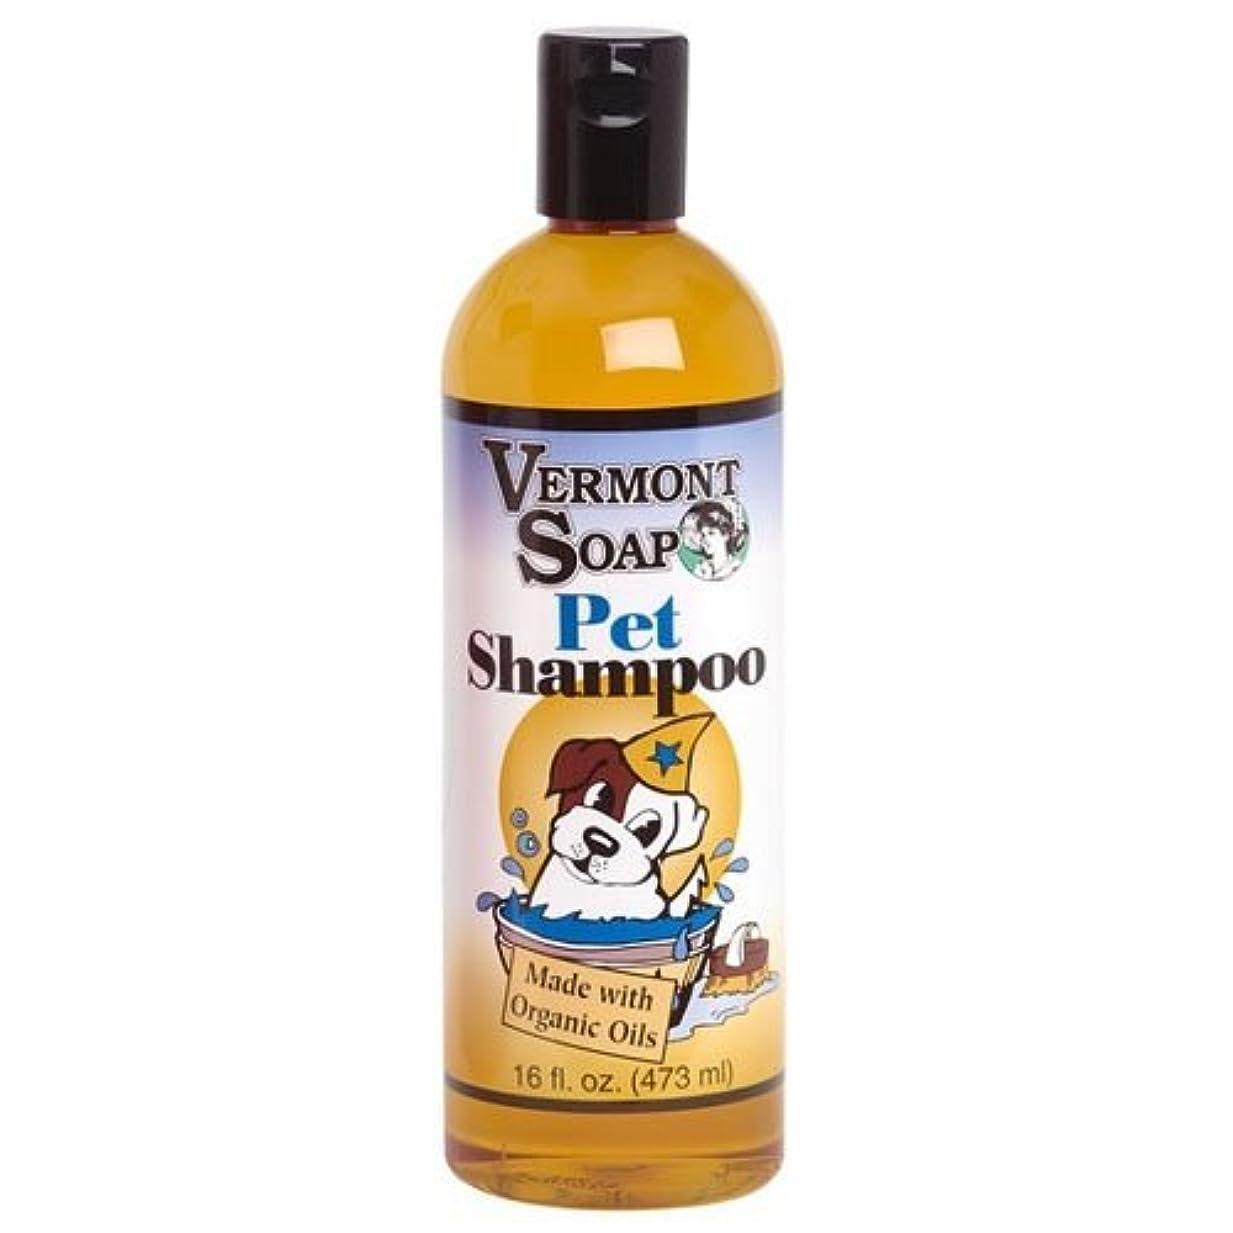 同僚ドル死すべきバーモントソープ オーガニック ペットシャンプー Pet Shampoo